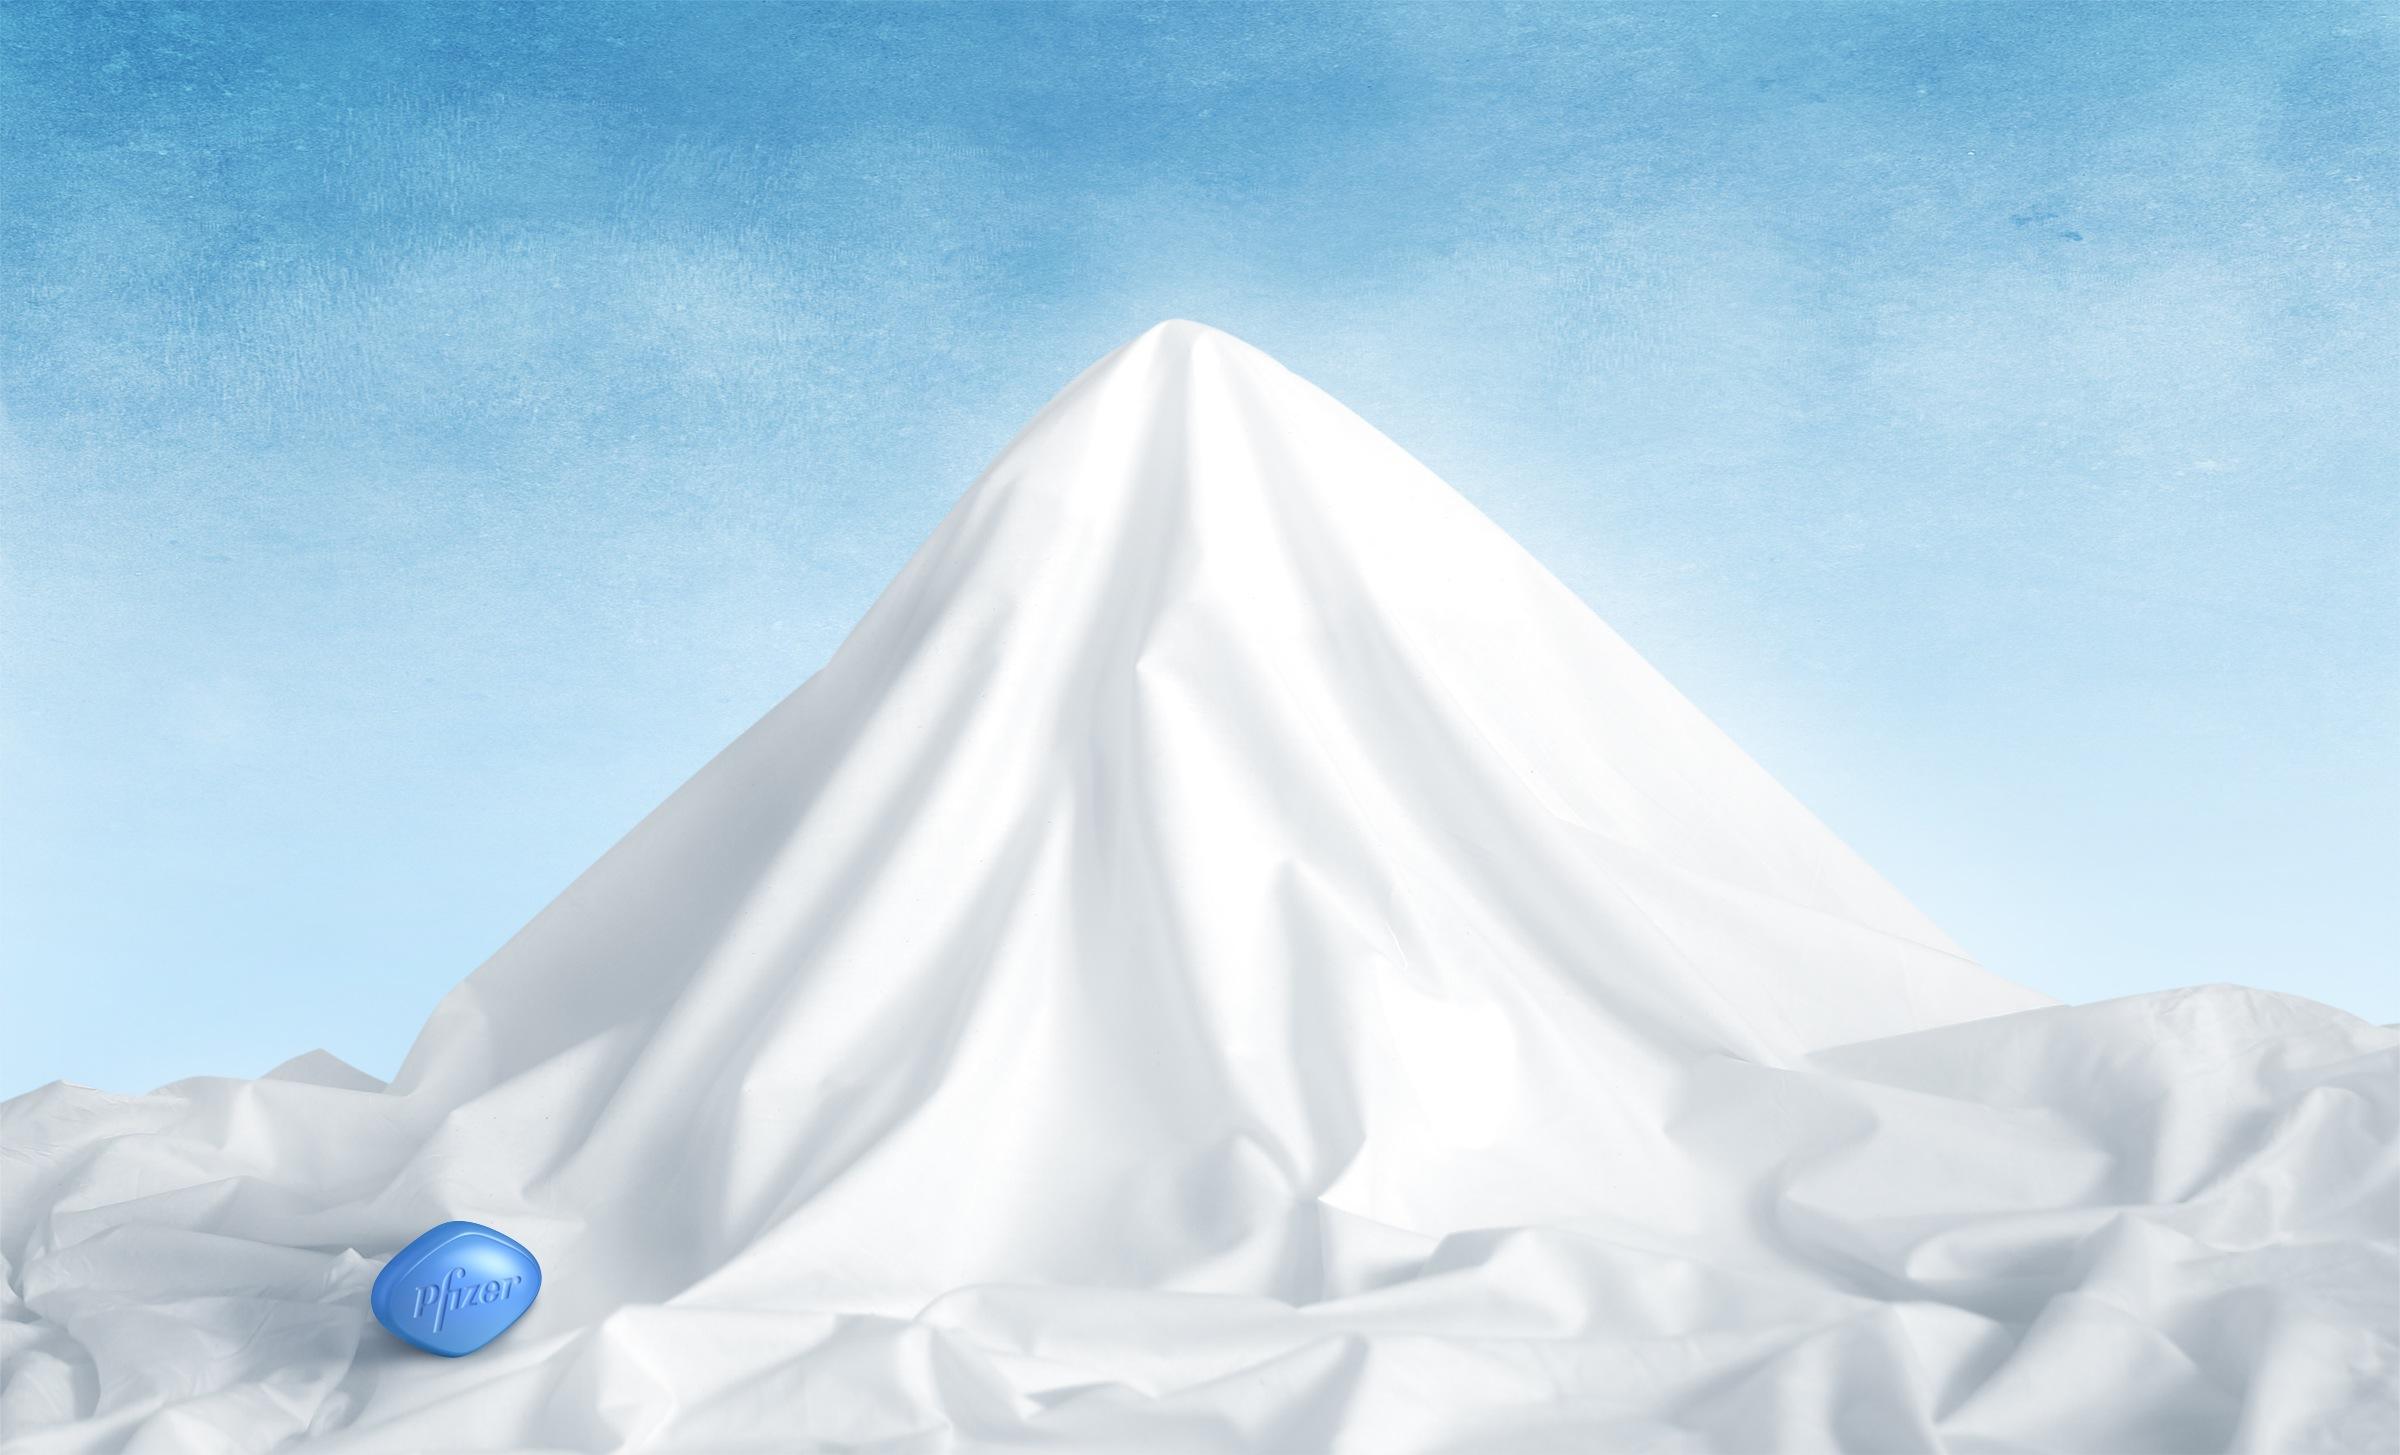 aciclovir crema se puede usar dentro de la boca